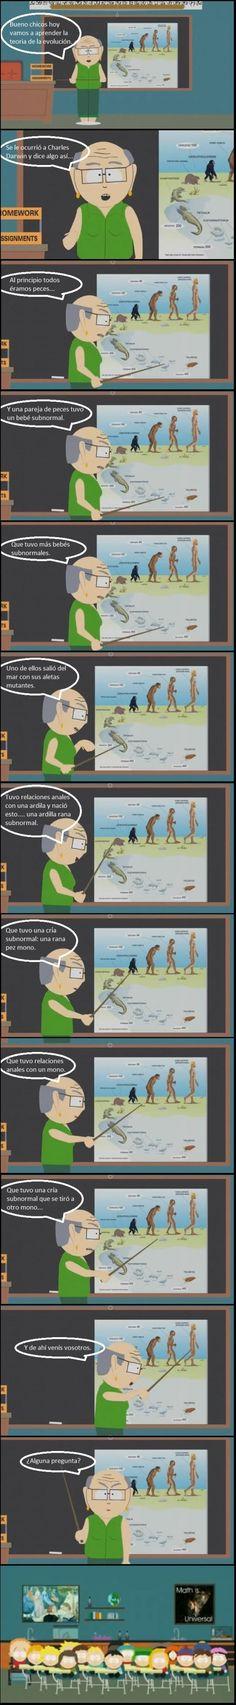 La teoria de la evolucion Laughter, Humor, Humour, Moon Moon, Jokes, Funny, Funny Jokes